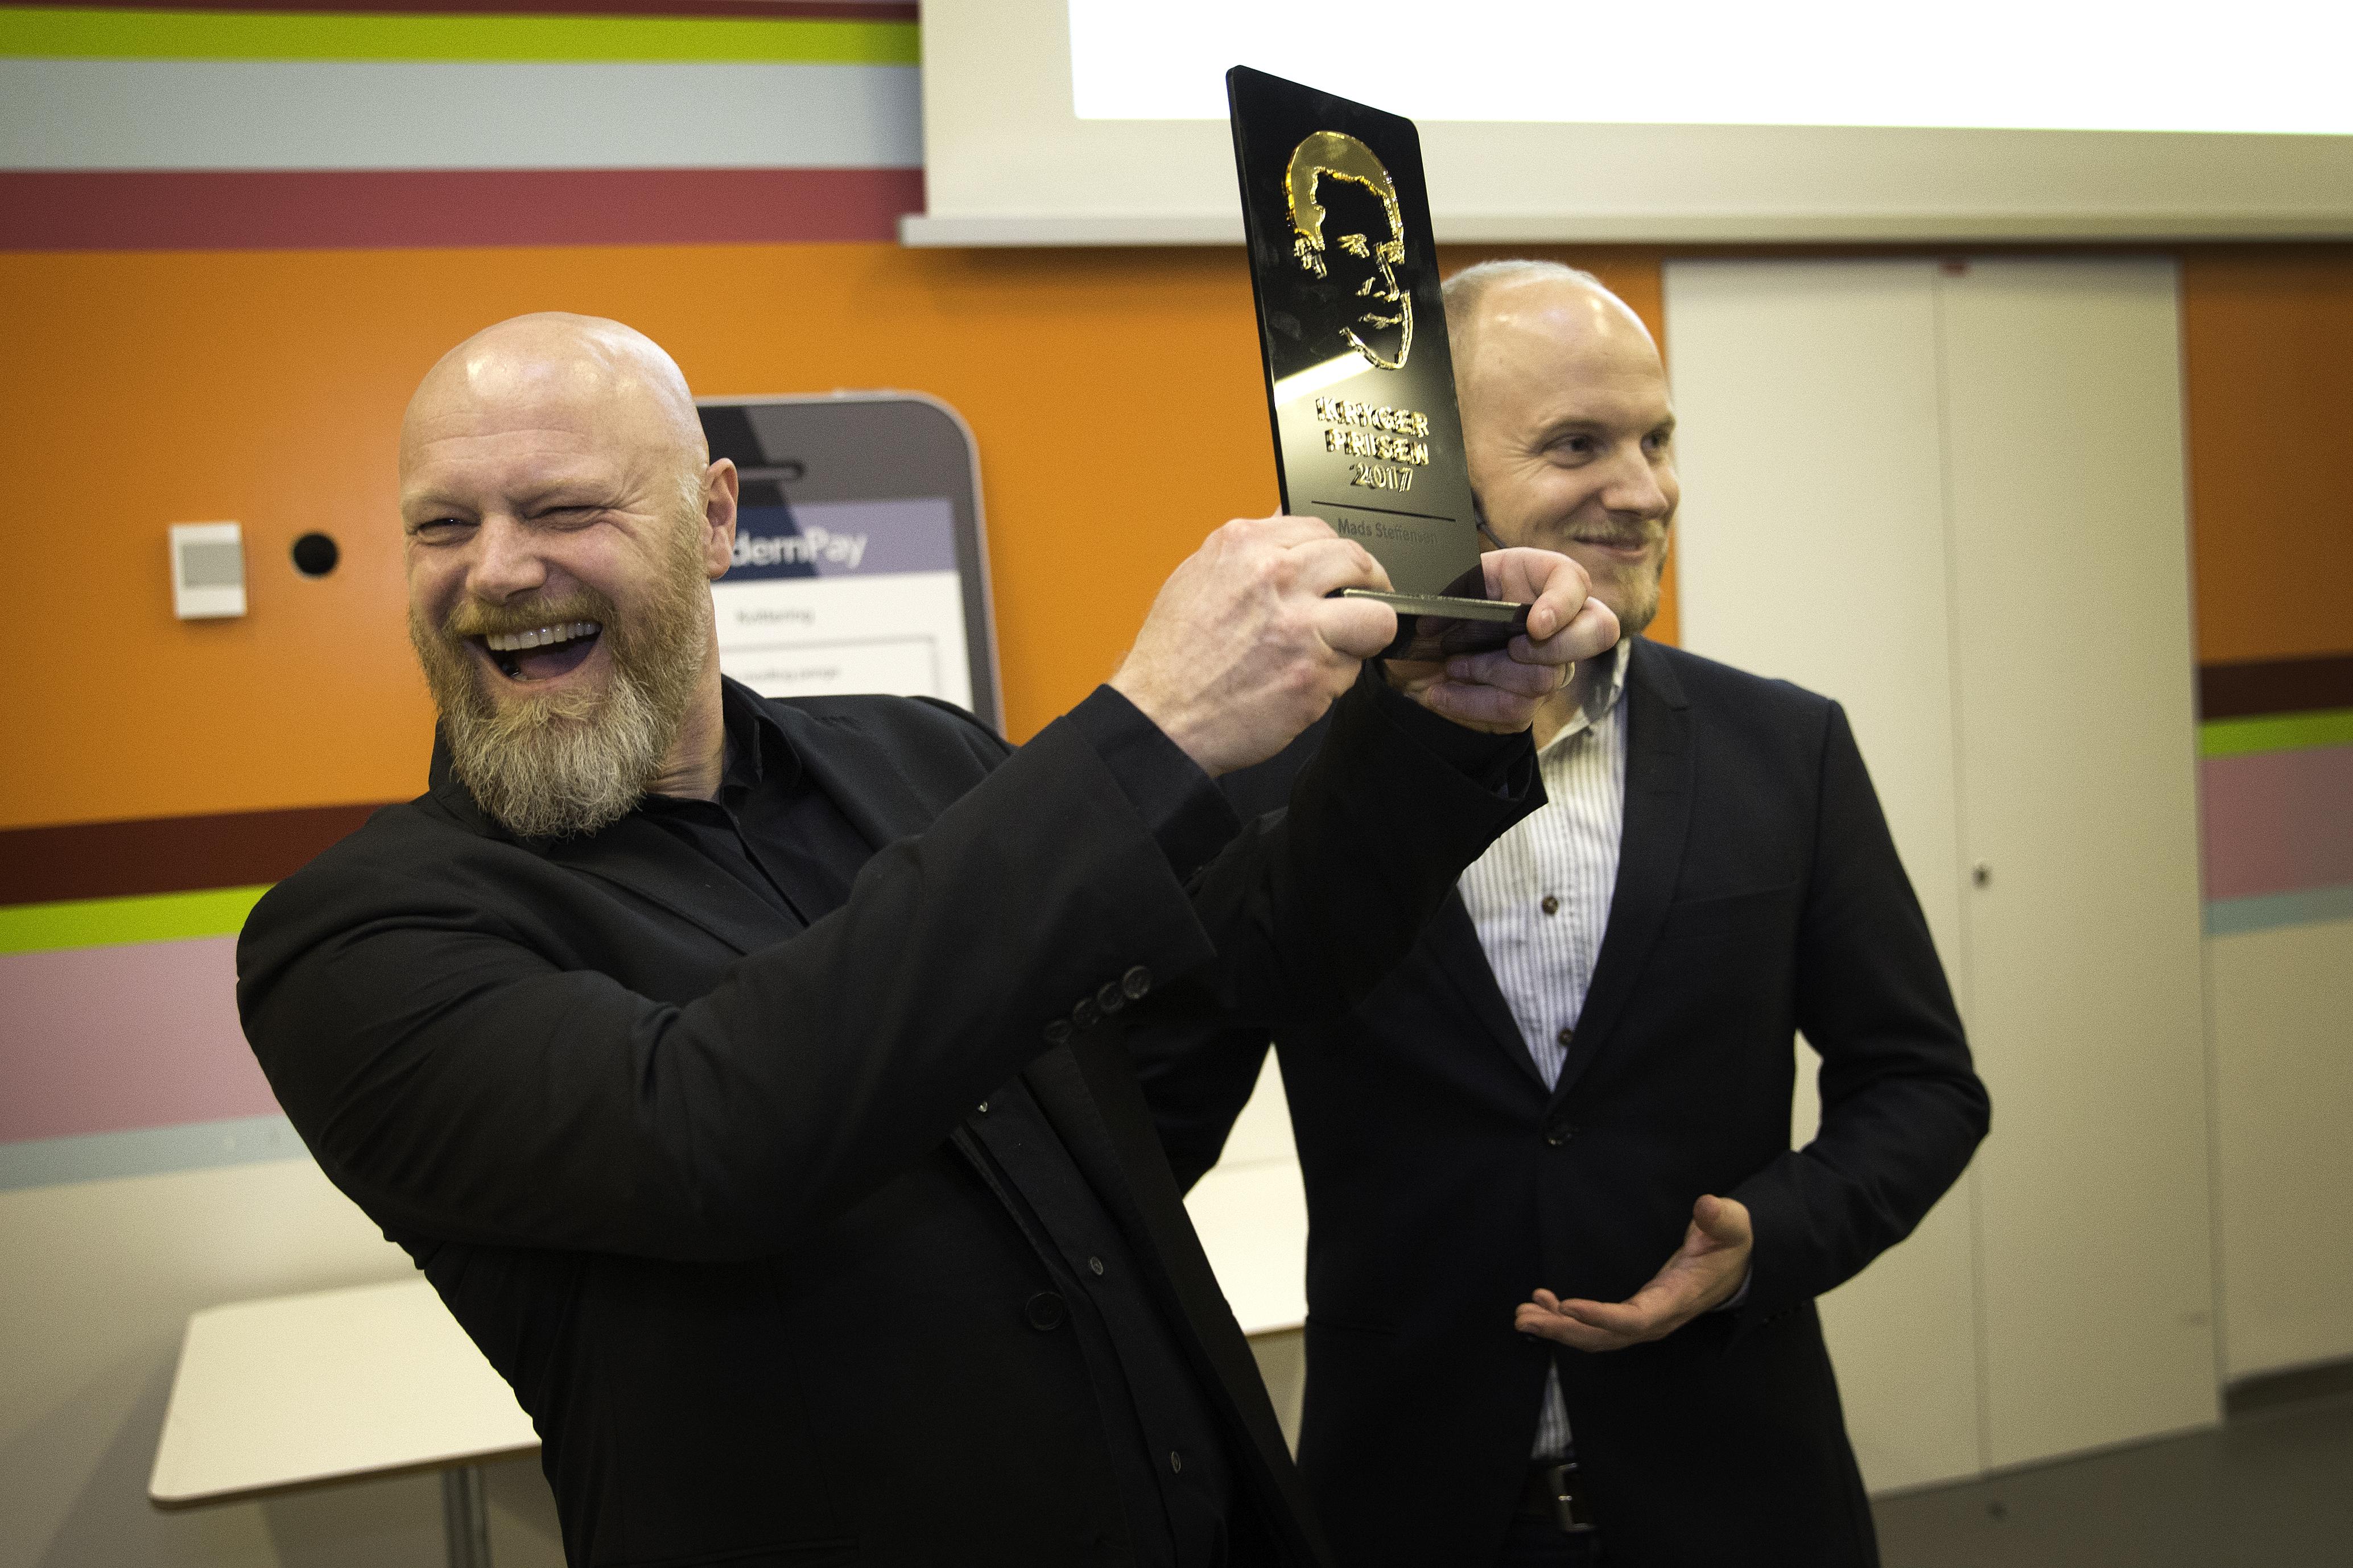 Krygerprisen 2017